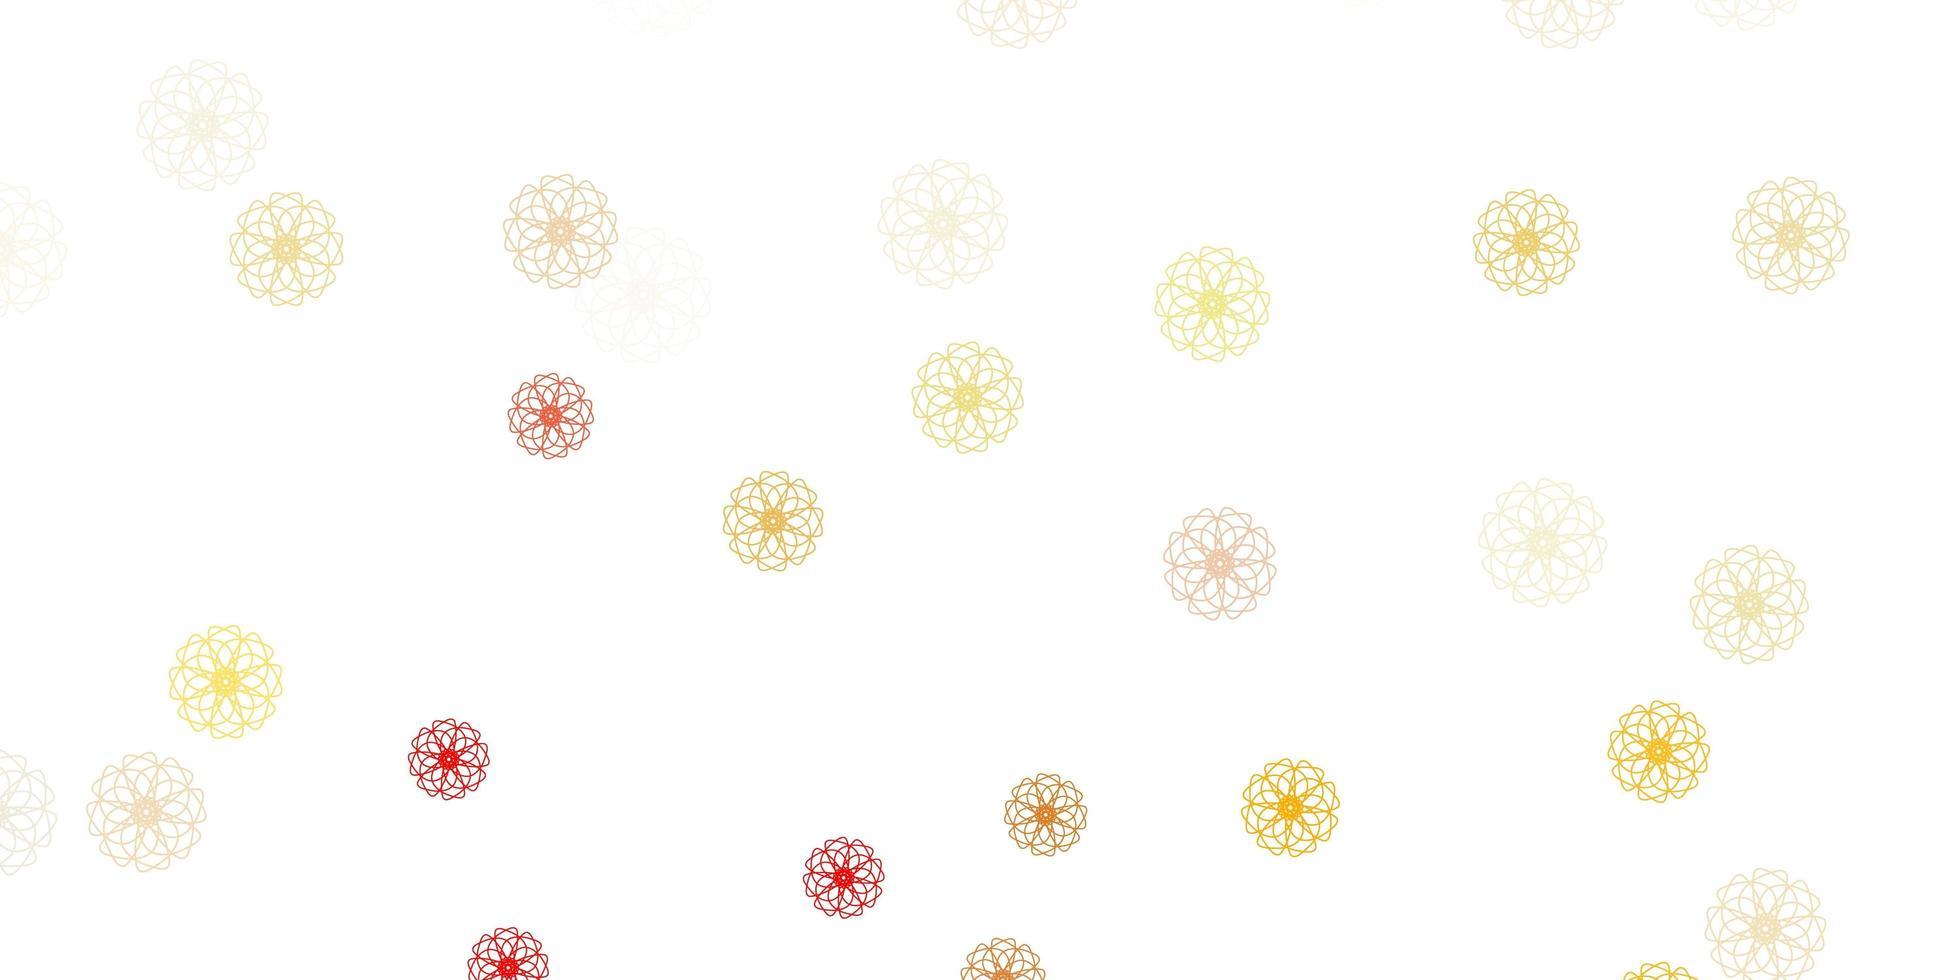 sfondo doodle vettoriale rosa chiaro, giallo con fiori.